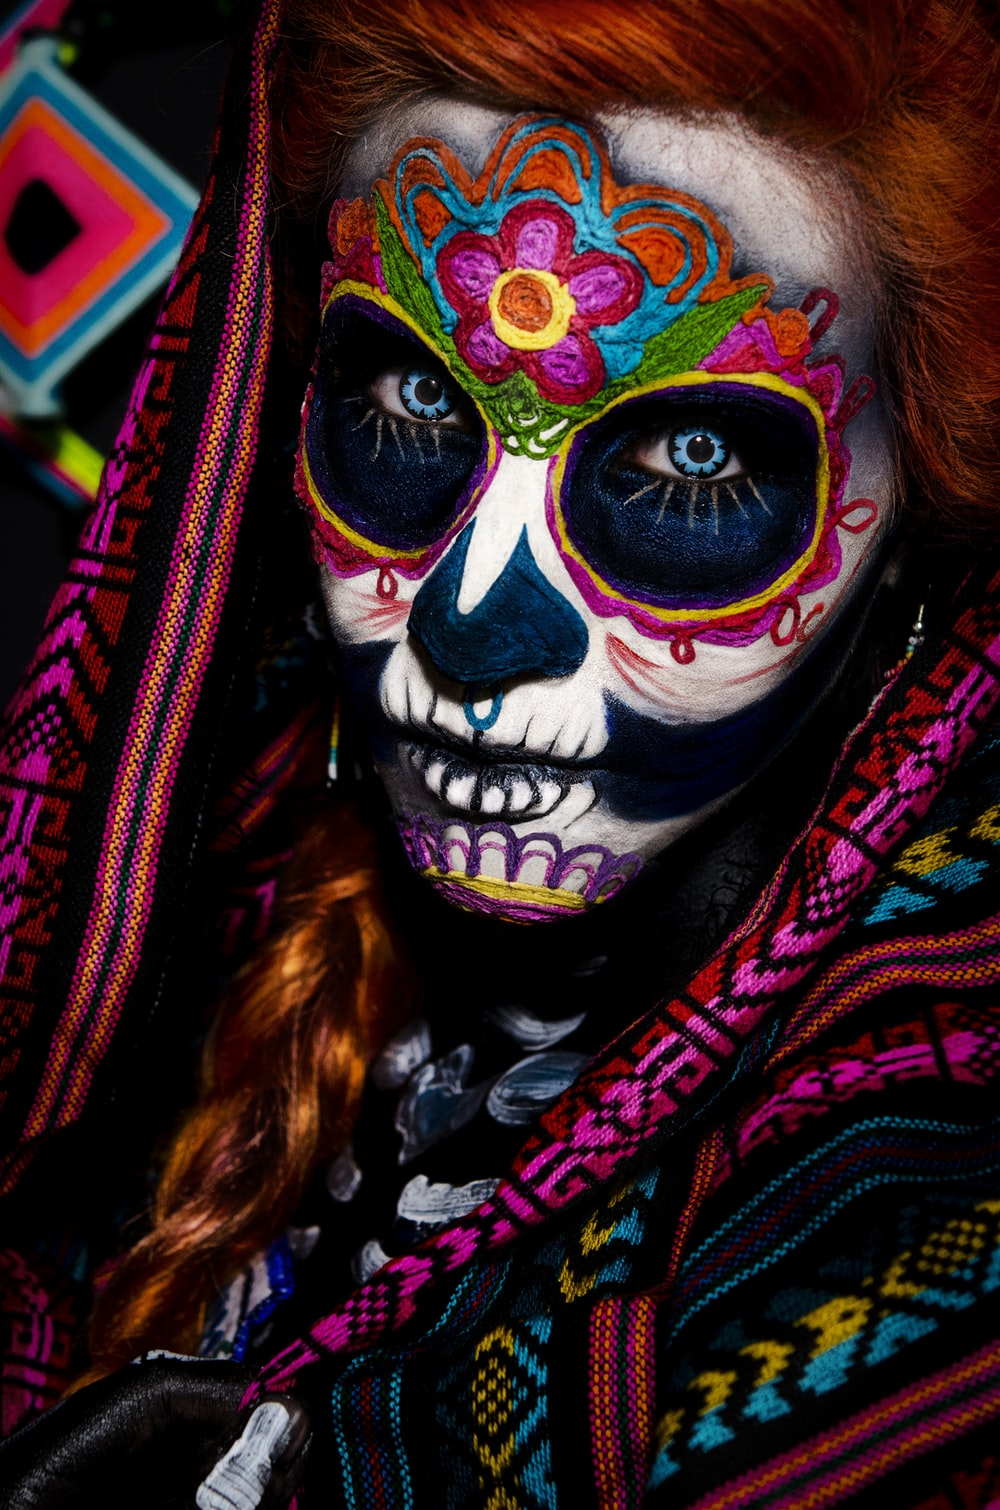 Muerte Face Painting Photo Free Mexico Image On Unsplash